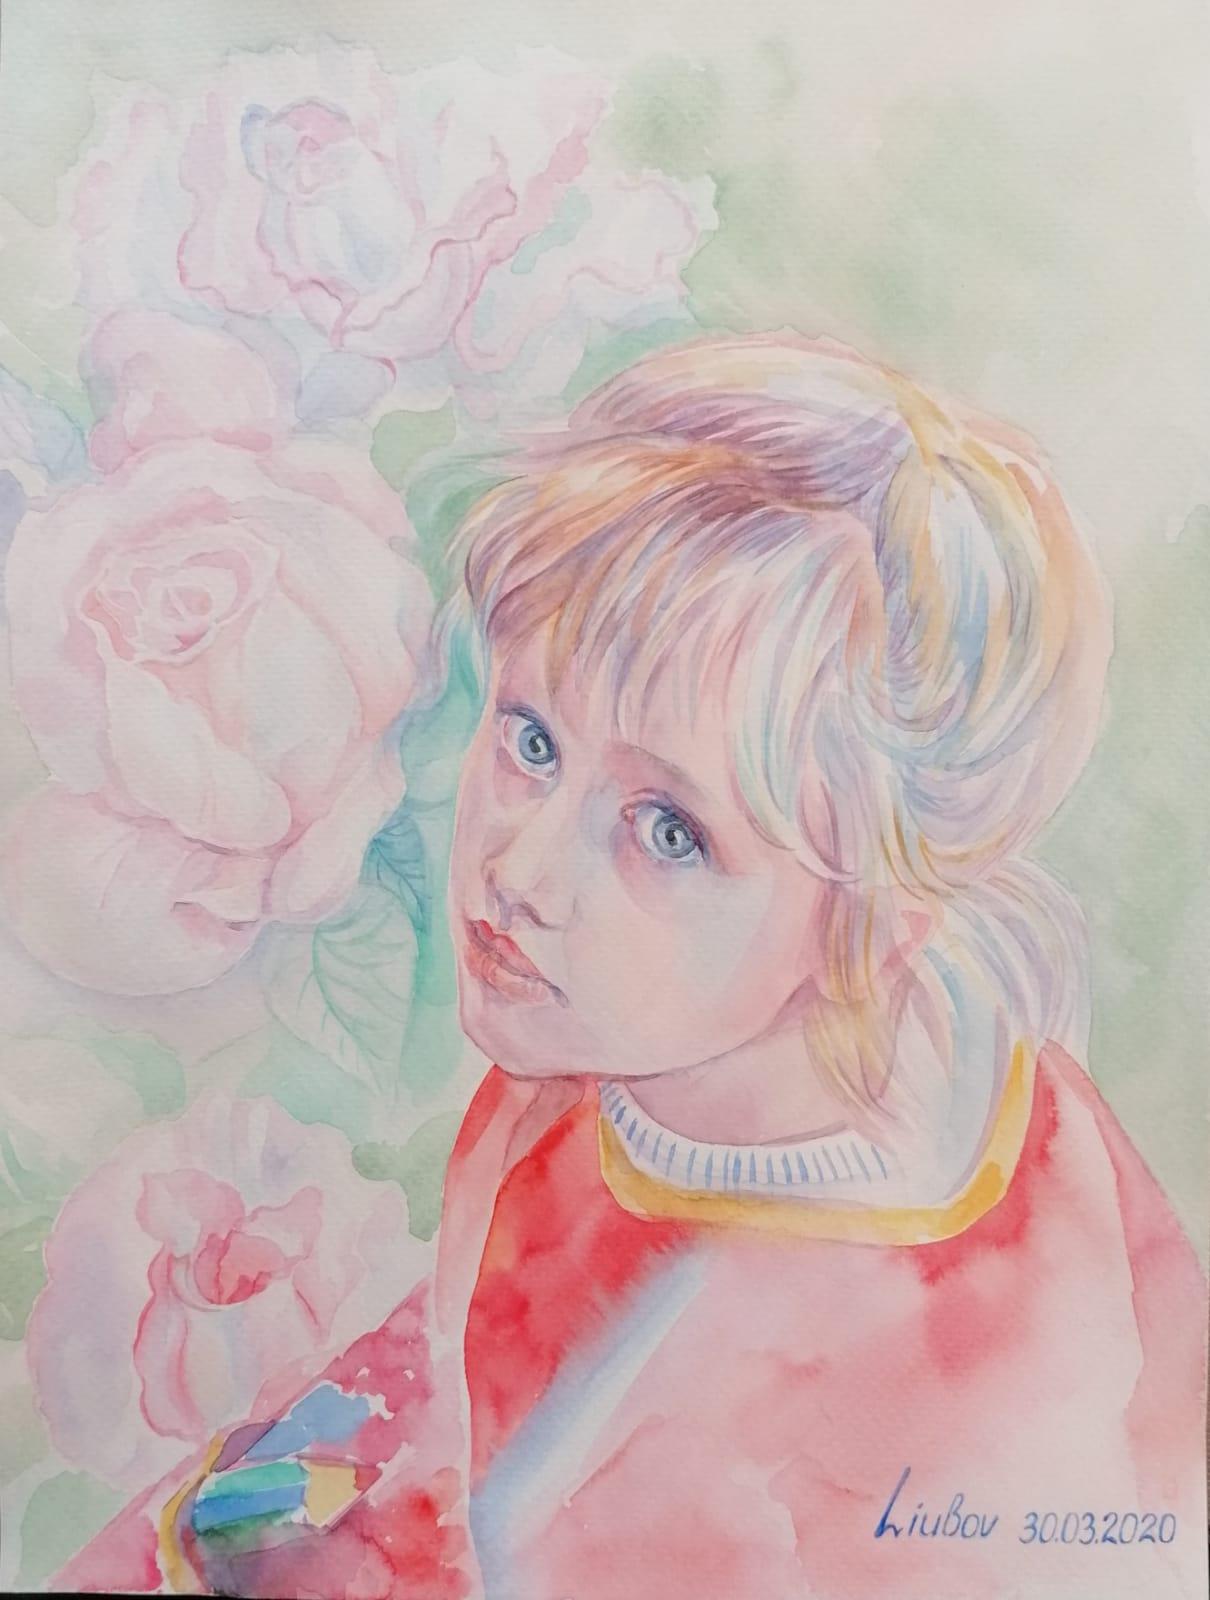 Kind der Natur, Aquarell, 24x32 cm